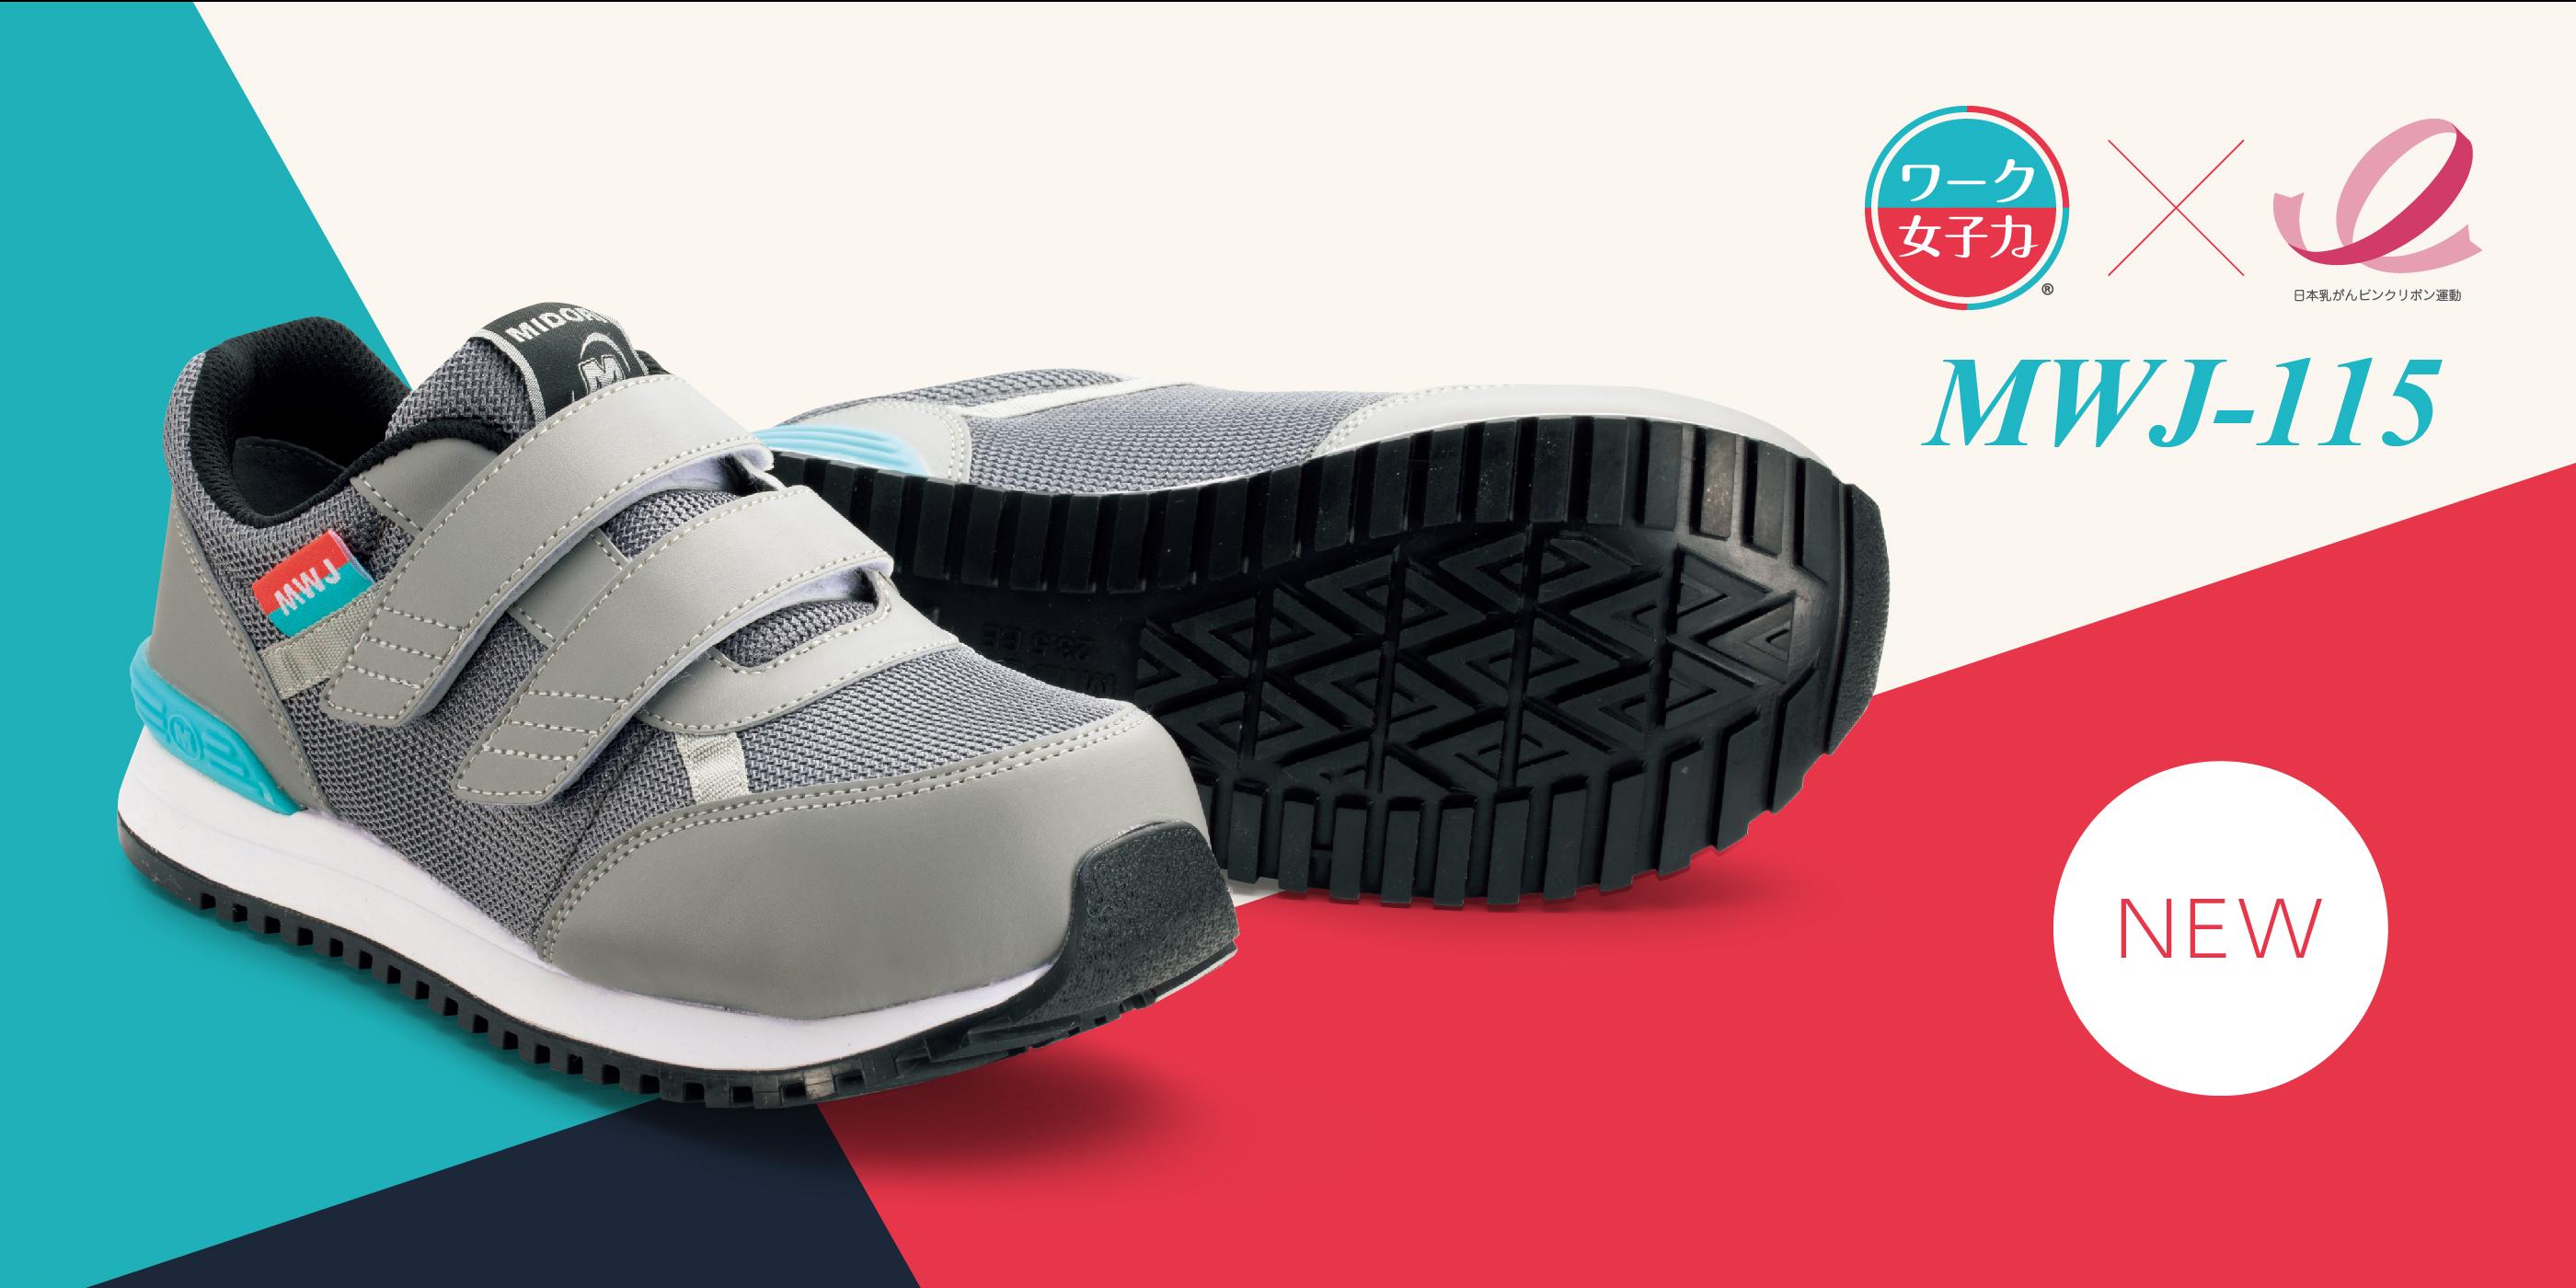 安全靴はミドリ安全フットウェア・安全靴専門メーカー